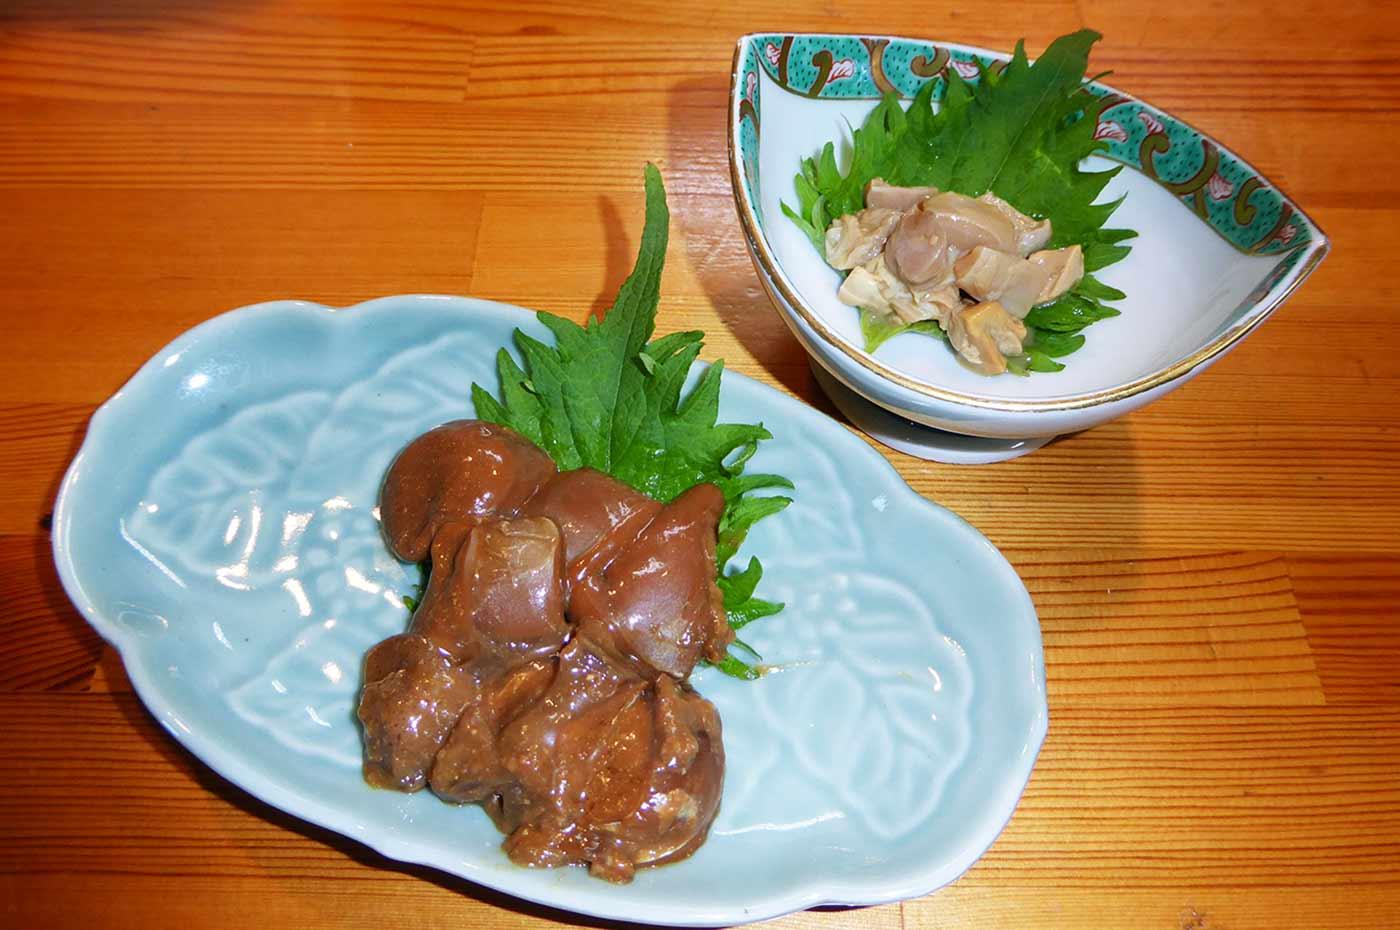 イカ肝味噌漬とカジキの塩辛の画像